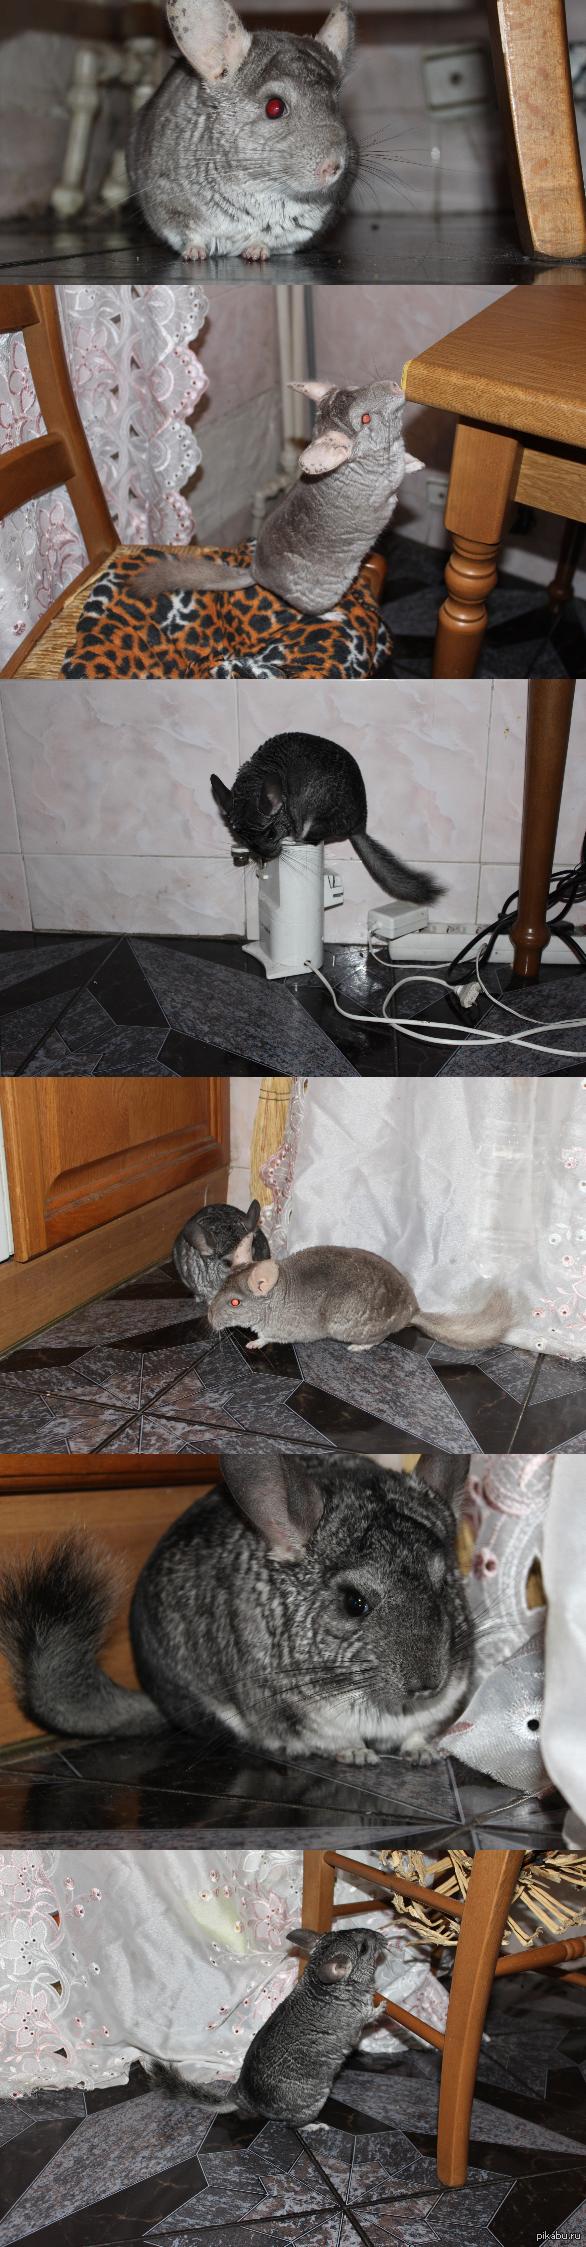 У всех коты, а у меня шиншиллы ^_^ Шин и Шила =)